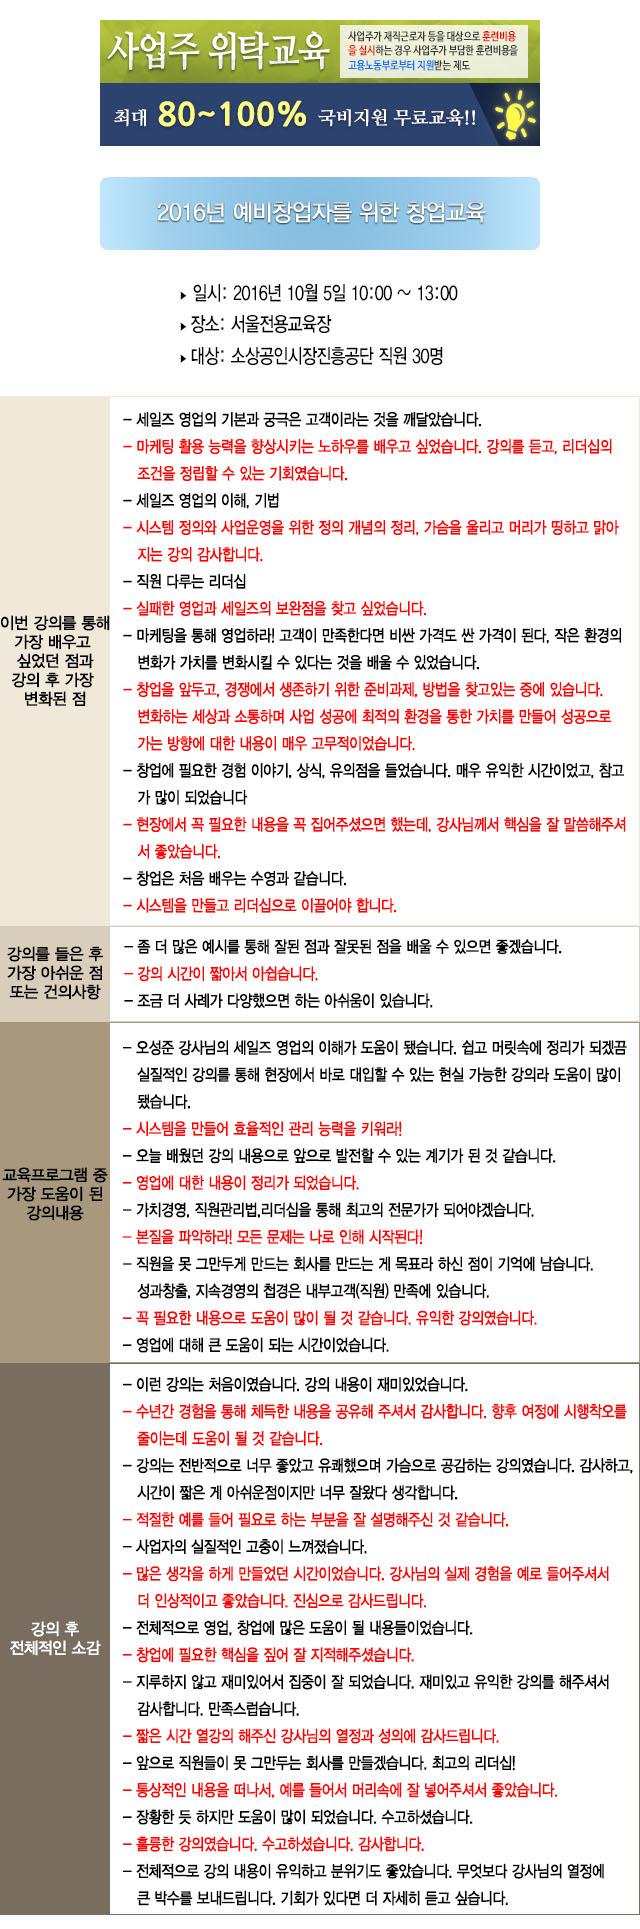 한국중앙인재개발원 후기 소상공인시장진흥공단.jpg